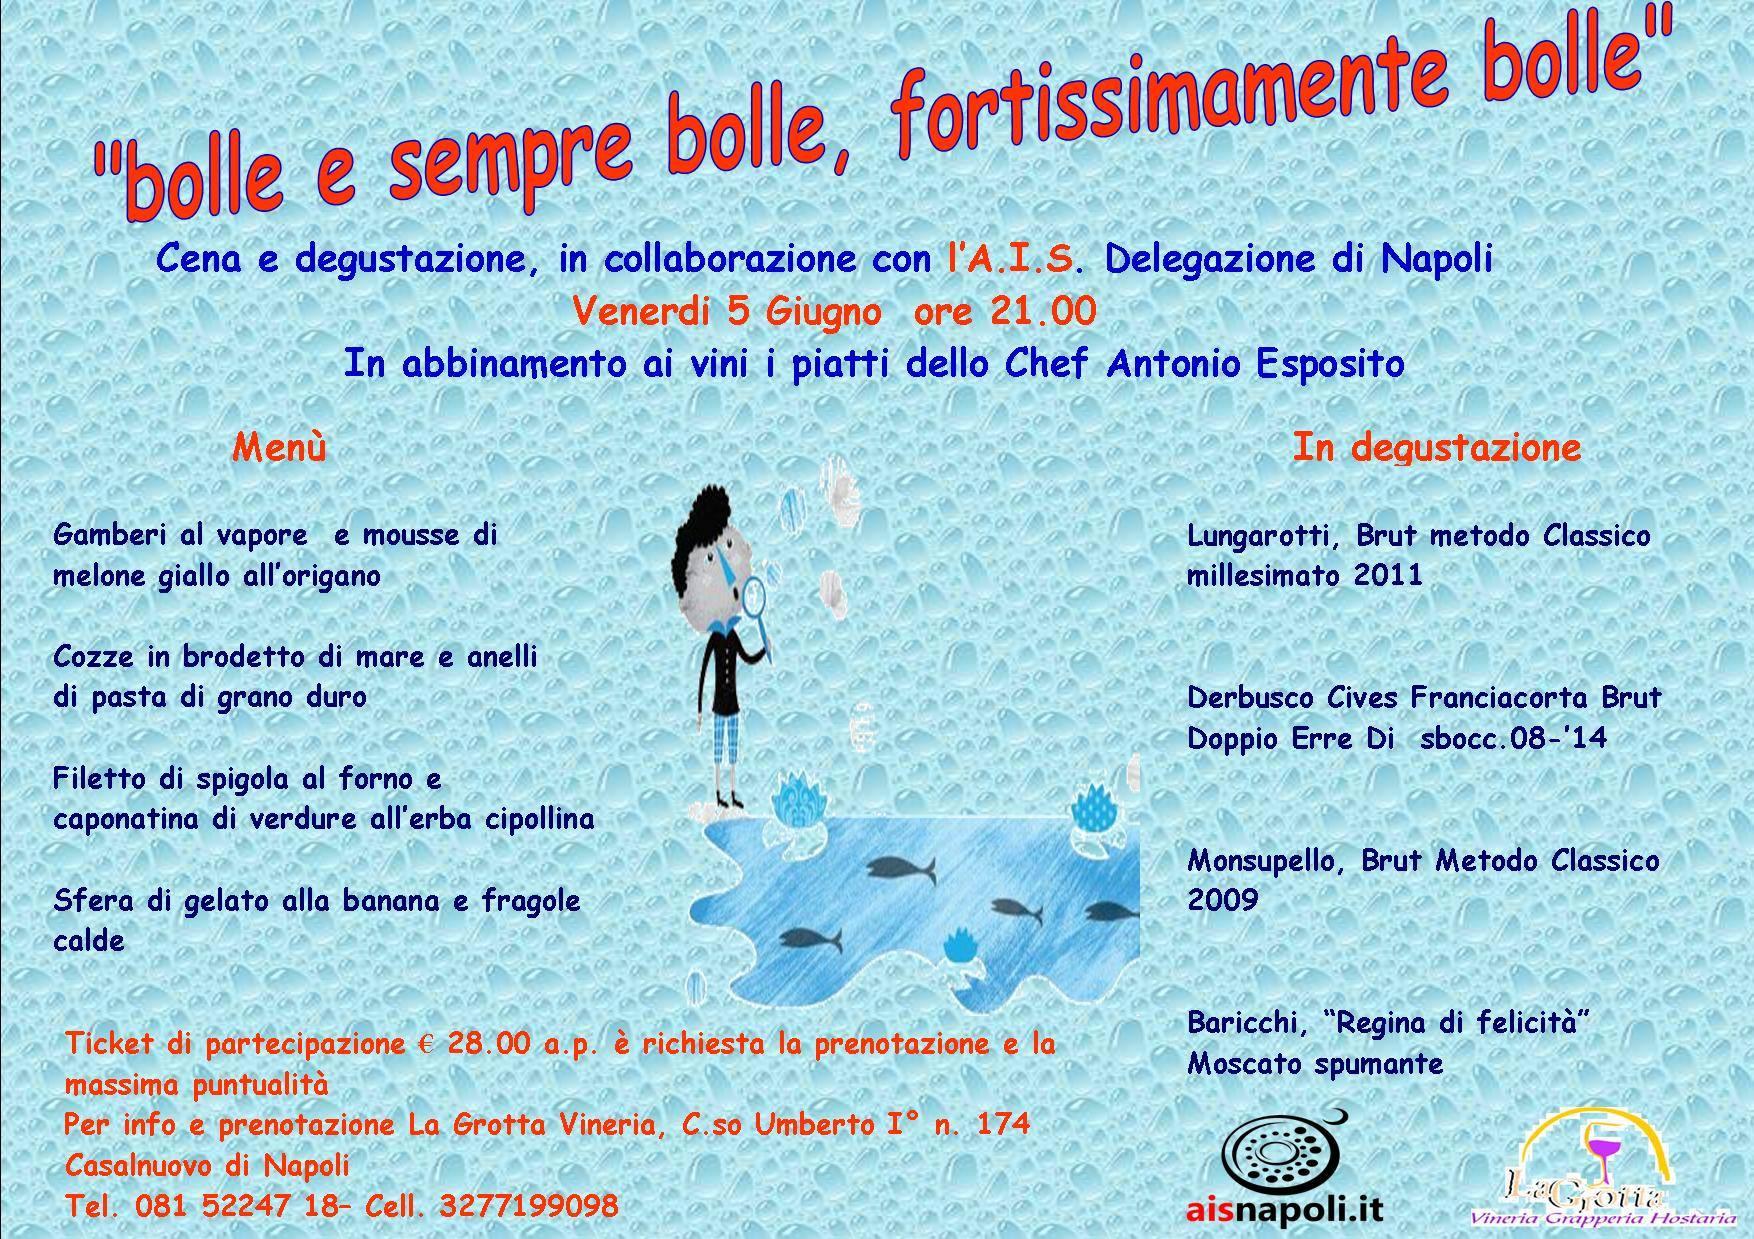 """5 Giugno, """"Bolle e sempre bolle, fortissimamente bolle"""" Cena e degustazione a La Grotta Vineria"""